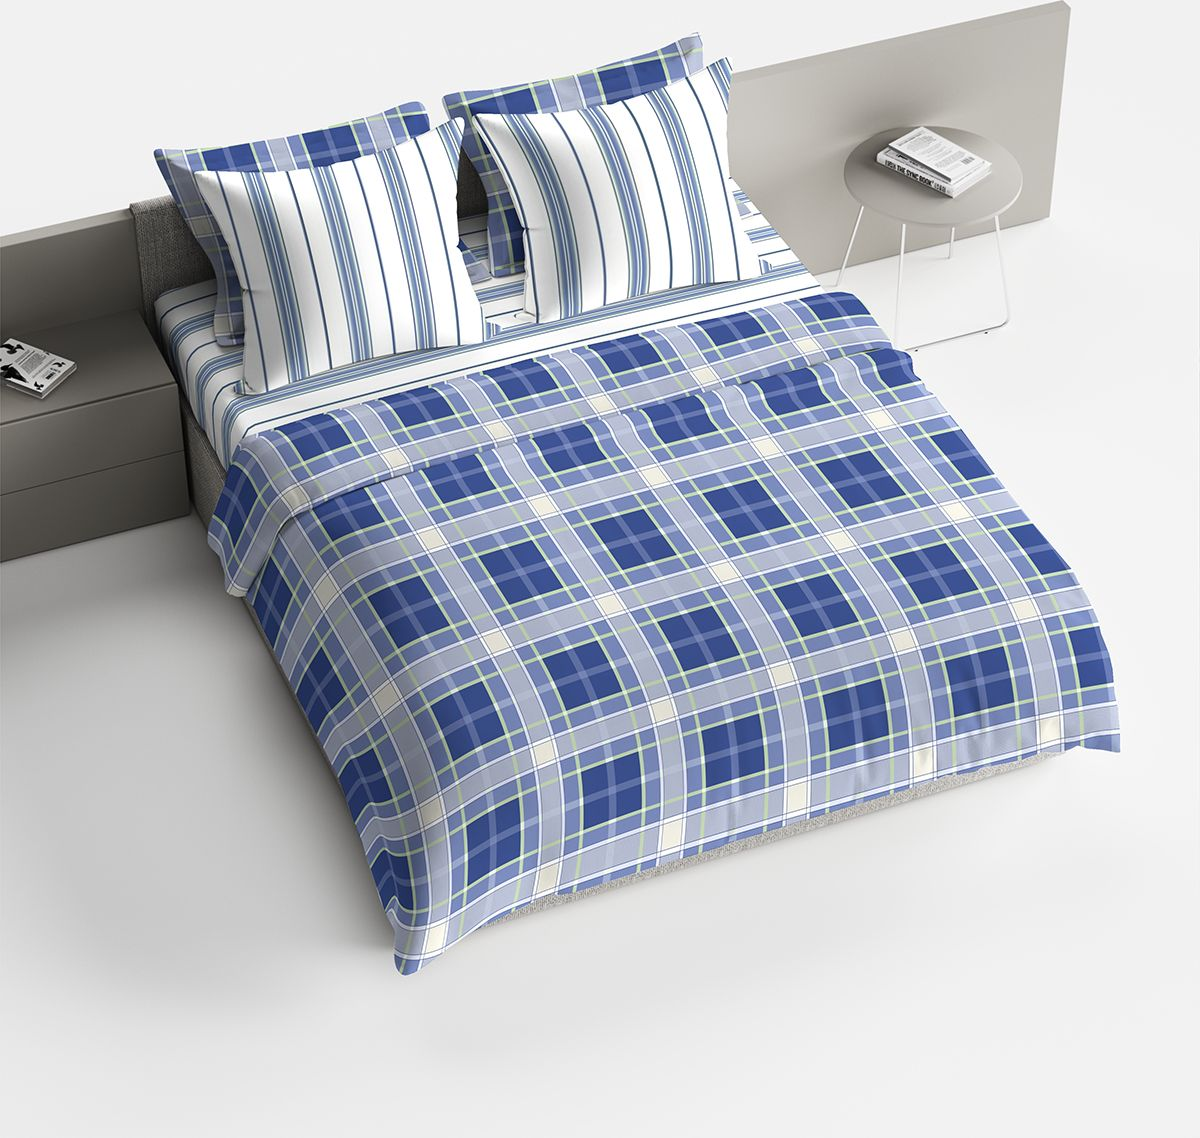 Комплект белья Bravo Джузеппе, 1,5-спальный, наволочки 70x70, цвет: синий91935Постельное белье Bravo изготавливается из ткани Lux Cotton (высококачественный импортный поплин), сотканной из длинноволокнистого египетского хлопка, создано специально для людей с оригинальным вкусом, предпочитающим современные решения в интерьере. В процессе производства применяются только стойкие и экологически чистые красители, поэтому это белье можно использовать и для детей. Обновленная стильная упаковка делает этот комплект отличным подарком.- Равноплотная ткань из 100% хлопка;- Обработана по технологии мерсеризации и санфоризации;- Мягкая и нежная на ощупь;- Устойчива к трению;- Обладает высокими показателями гигроскопичности (впитывает влагу); Выдерживает частые стирки, сохраняя первоначальные цвет, форму и размеры.